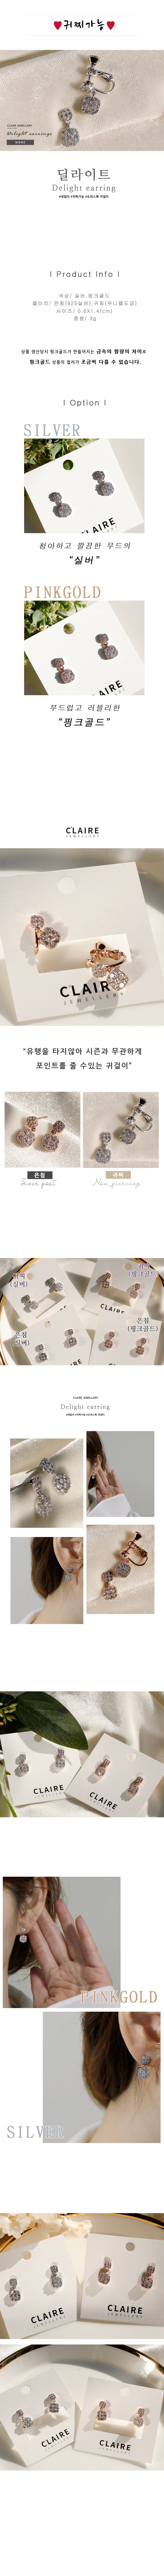 (귀찌가능)딜라이트 큐빅귀걸이 은침(925실버)2color - 클레어쥬얼리, 15,000원, 진주/원석, 드롭귀걸이